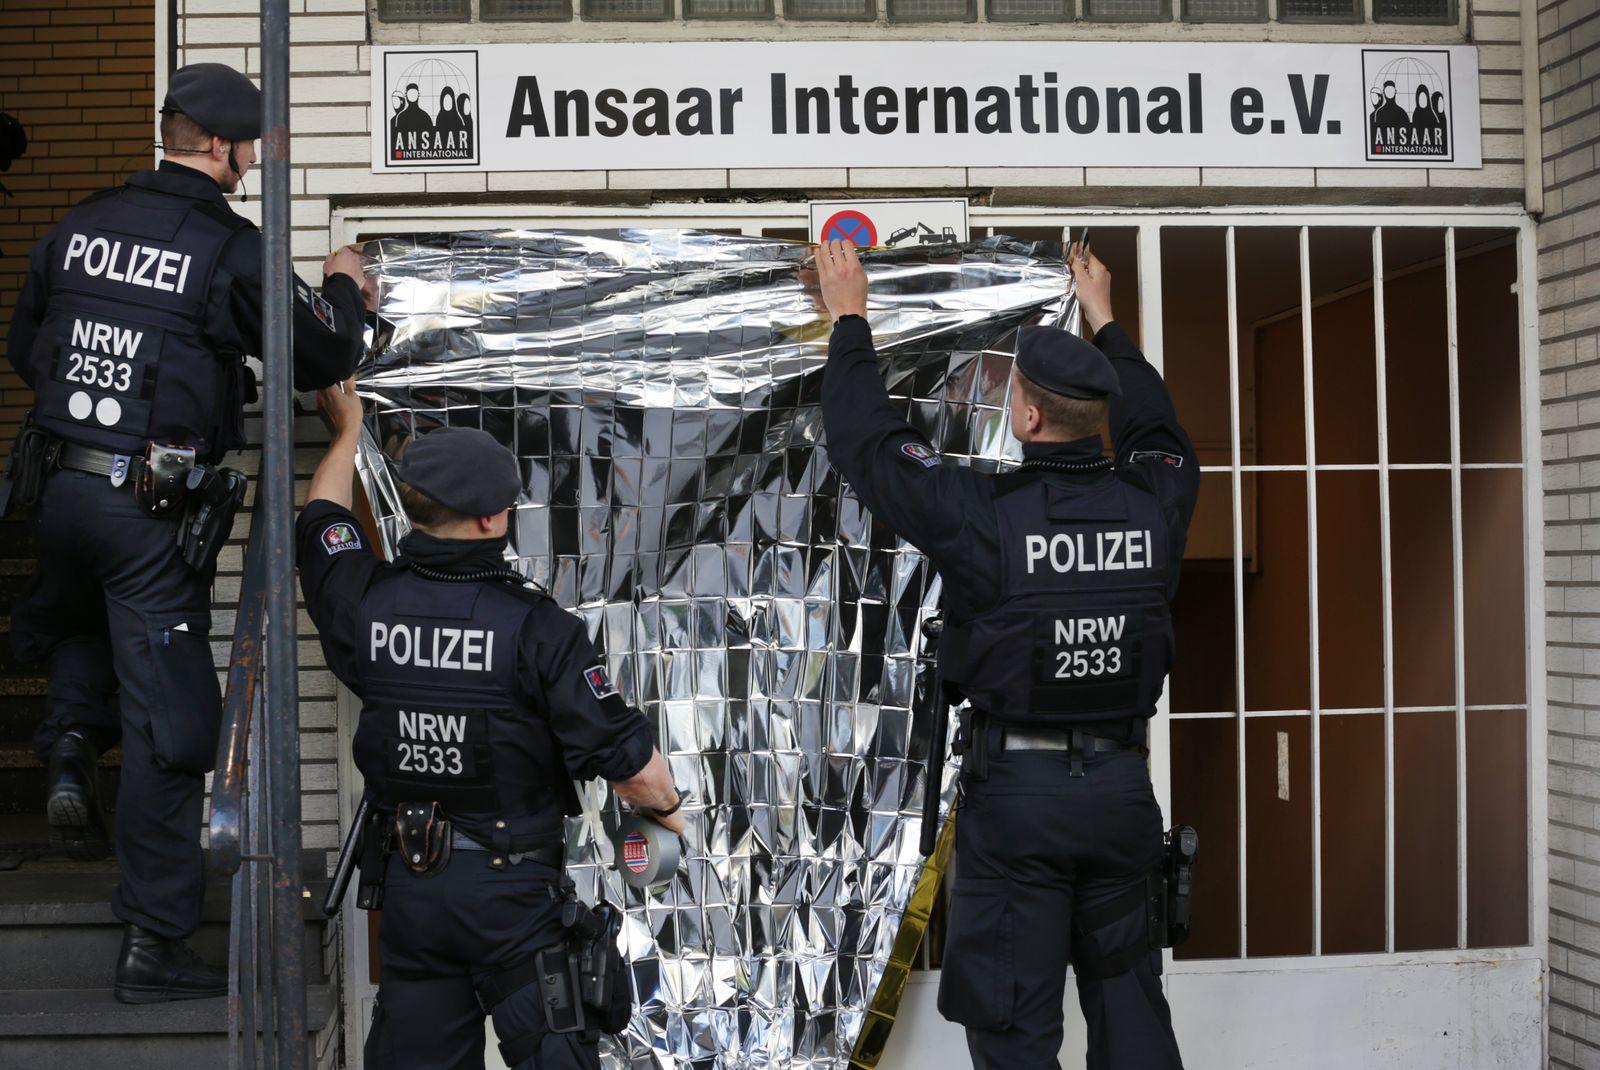 Ξυπνάει και η Γερμανία: Θέτει εκτός νόμου ισλαμιστική ΜΚΟ Ansaar για χρηματοδότηση της τρομοκρατίας